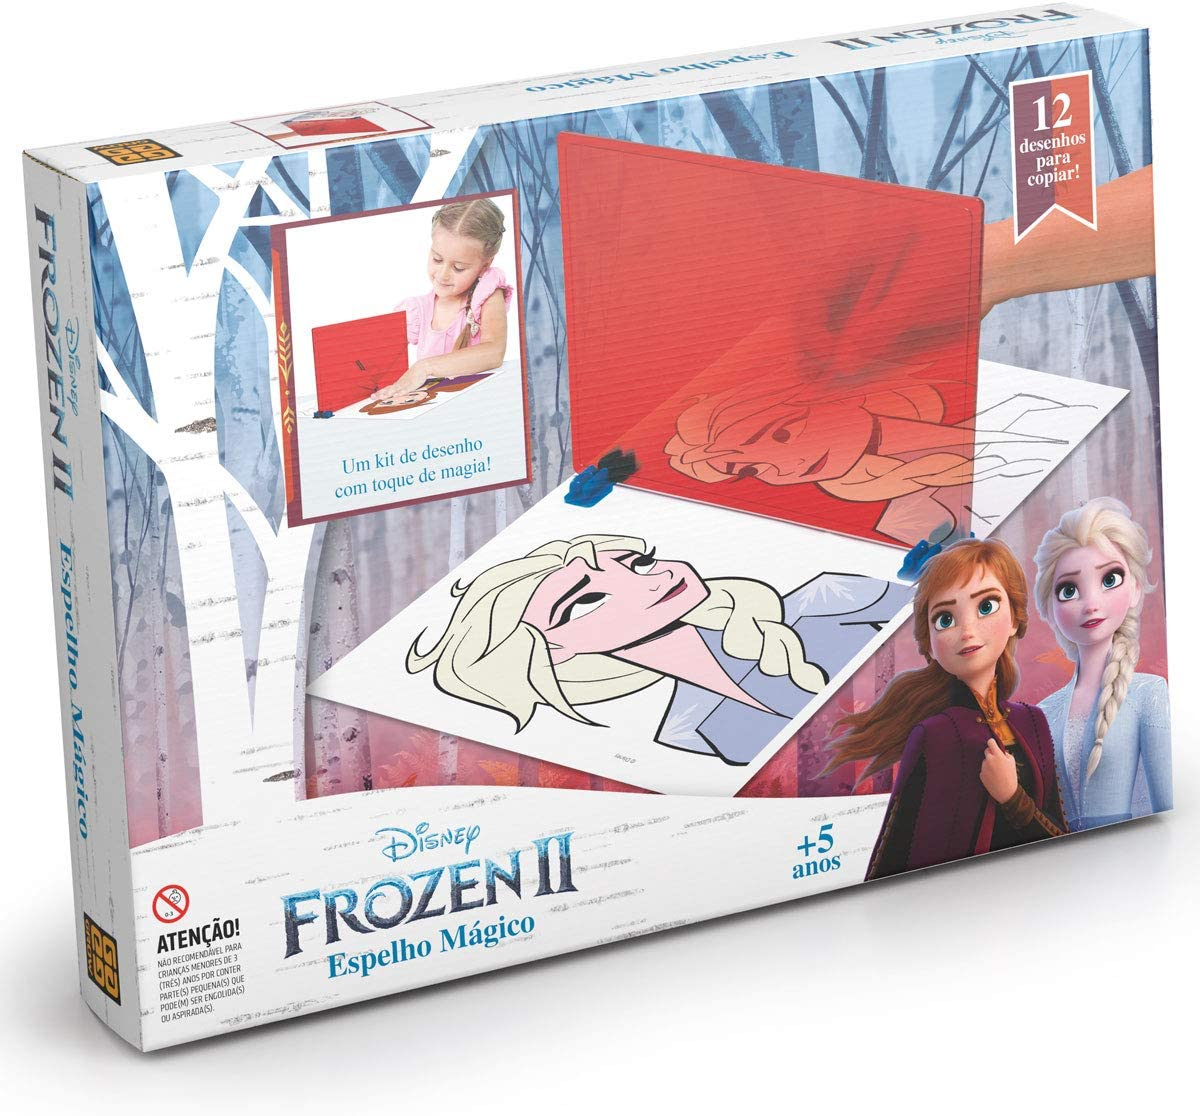 Espelho Mágico Frozen